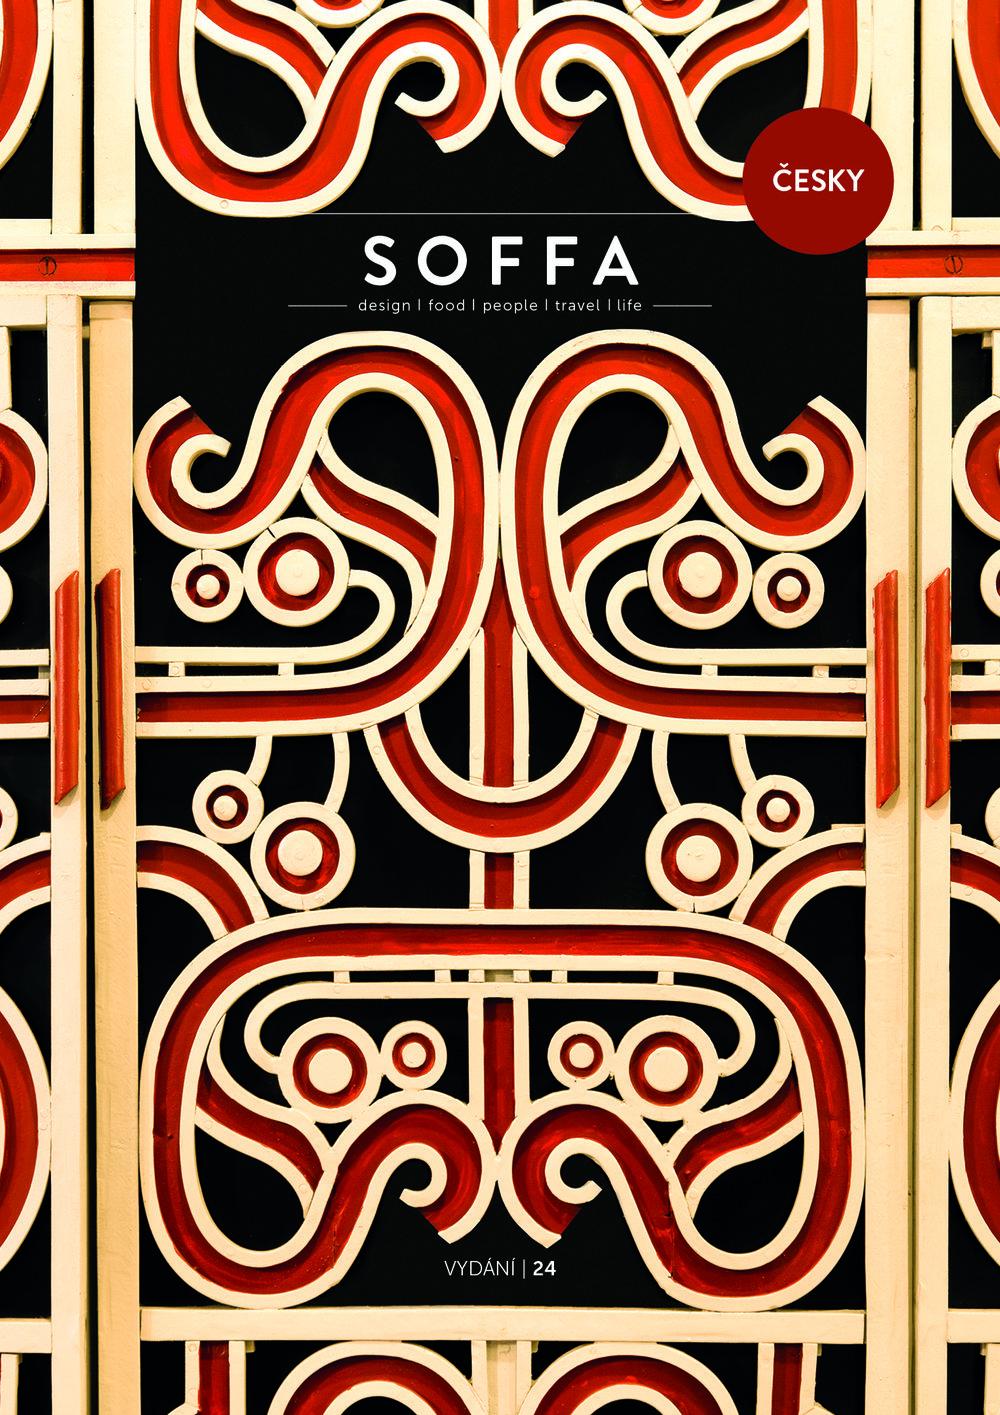 Soffa_magazine_24_Československo_obálka_CJ150dpi.jpg